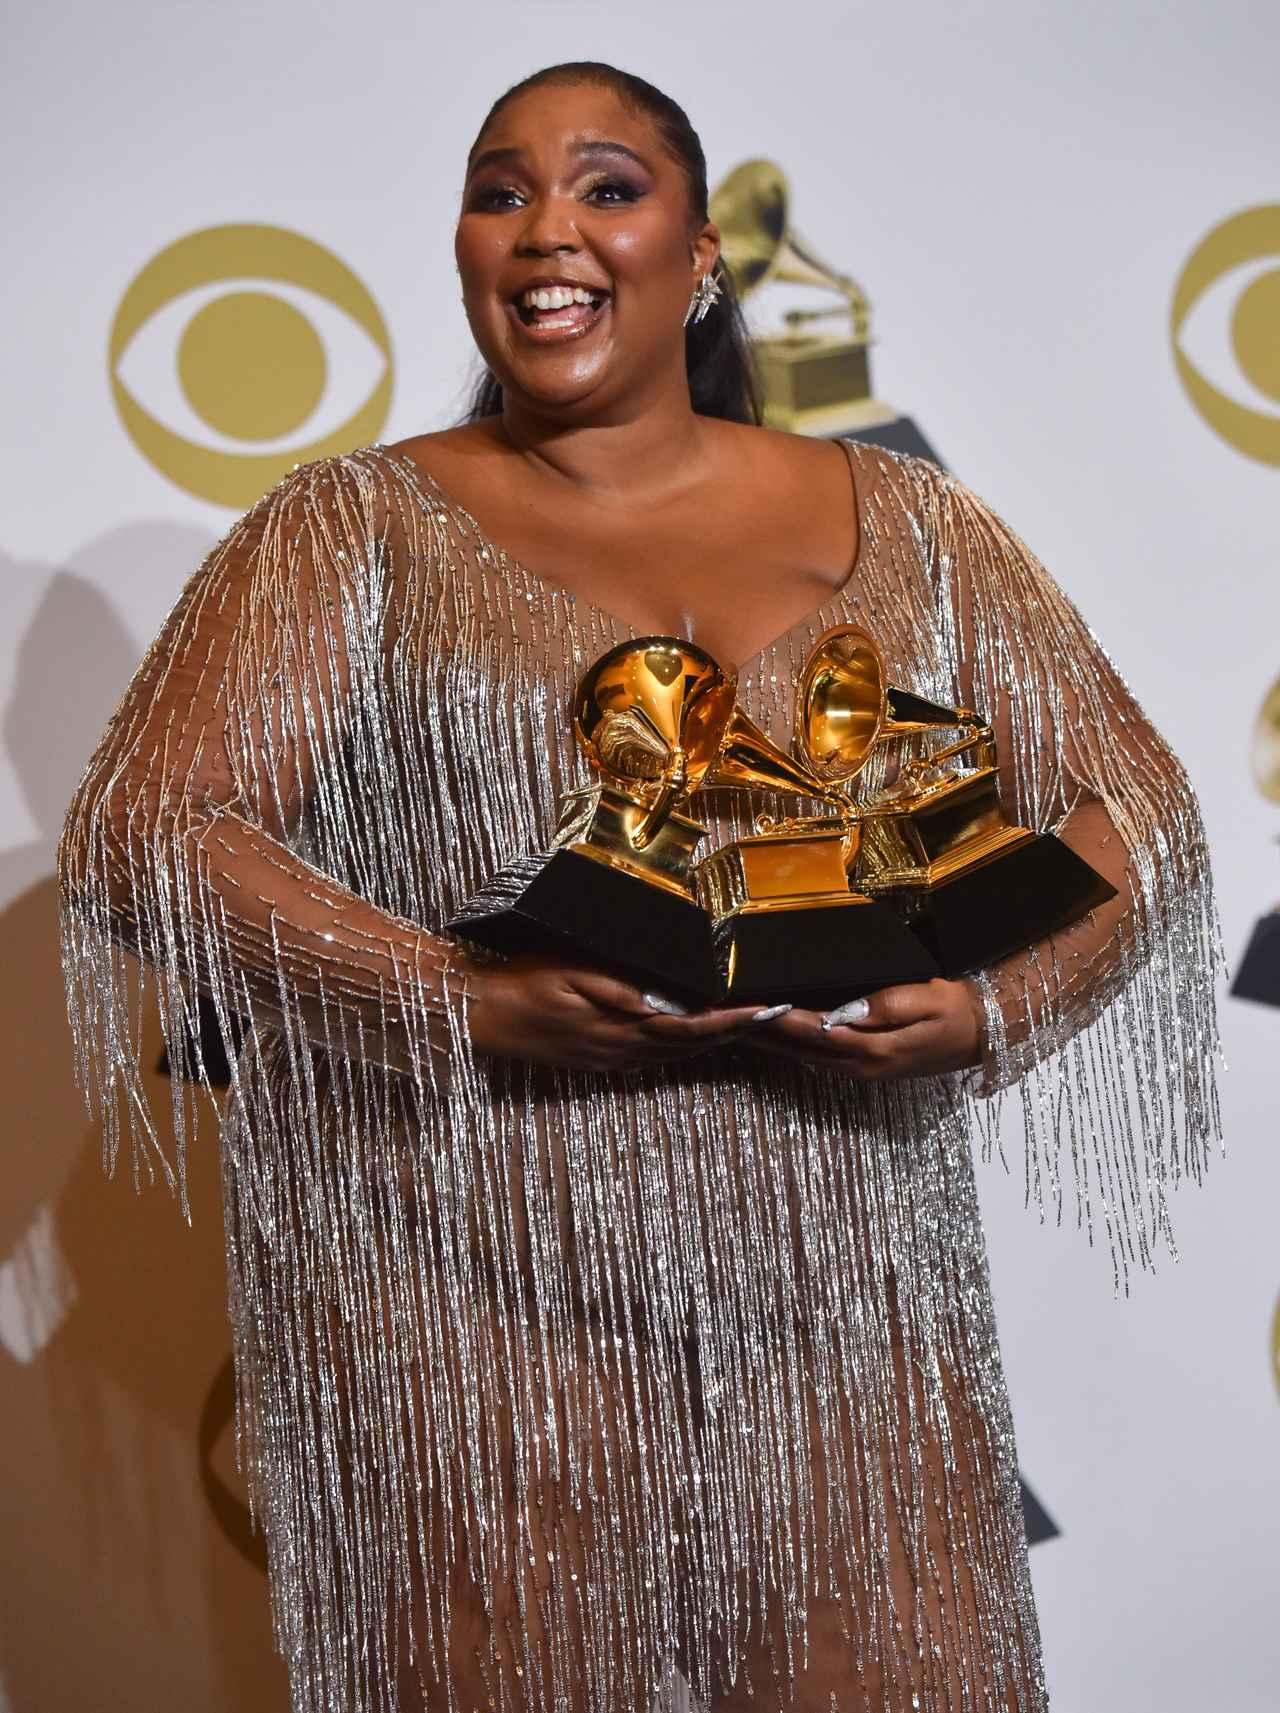 画像: 今年のグラミー賞で最優秀アーバン・コンテンポラリー・アルバム賞を受賞したリゾ。